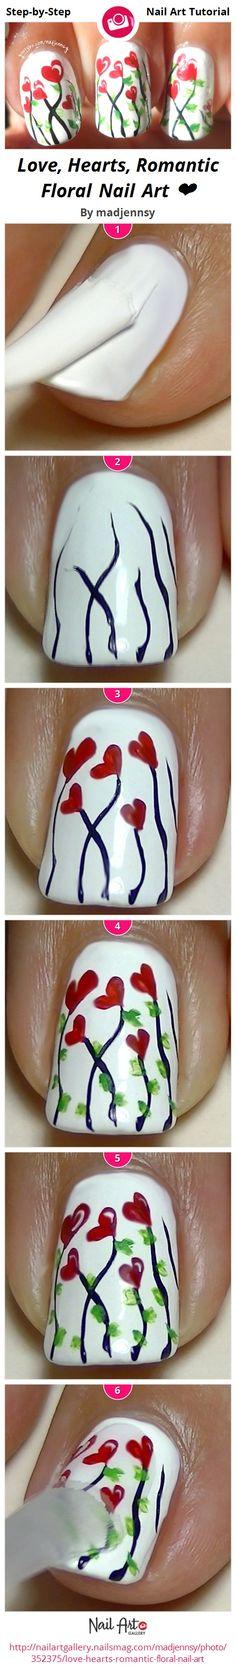 art galleri, nail art tutorials, heart nails, floral nail, nail diy, flower nails, nail art designs, nail arts, nail art gallery